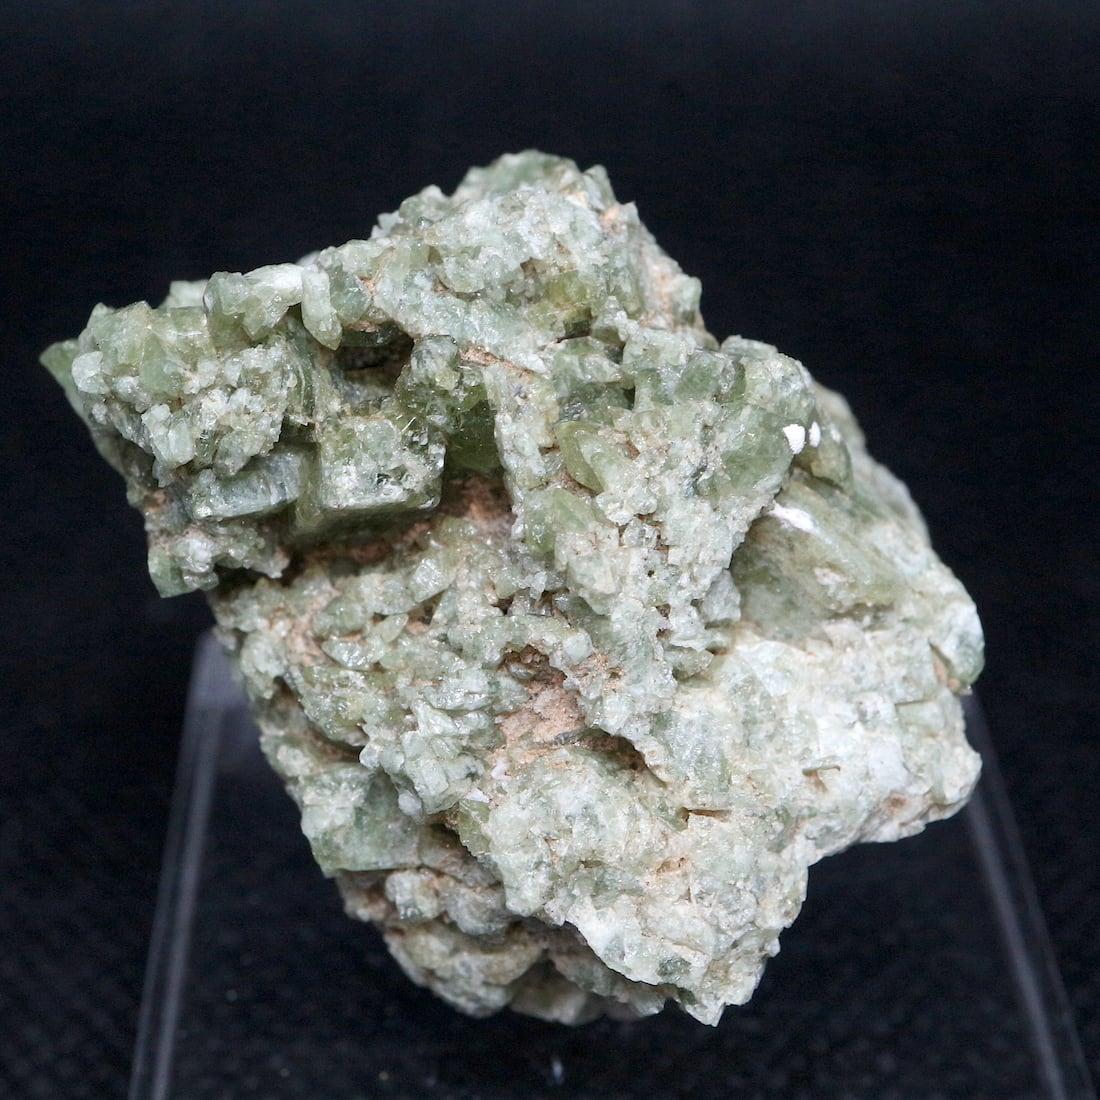 ダイオプサイド  Diopside アラスカ産  DPT013 26,5g 原石 鉱物 天然石 パワーストーン